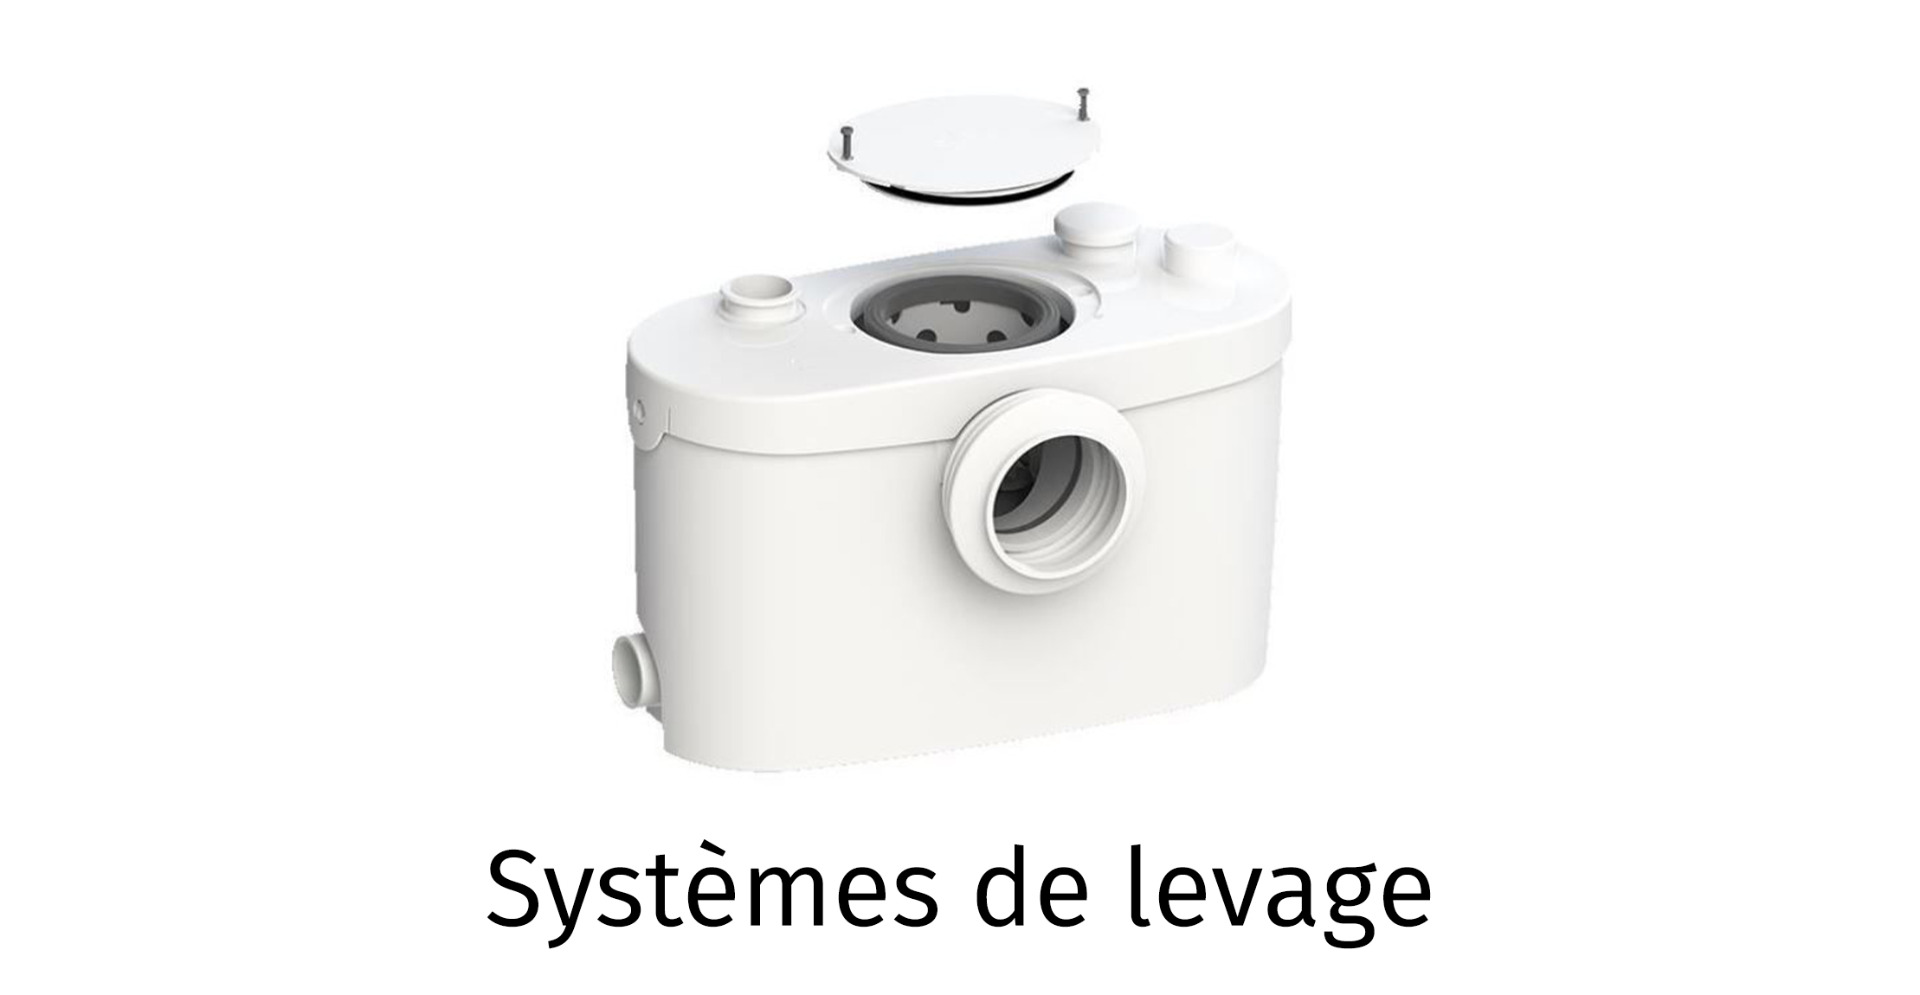 Systèmes de levage